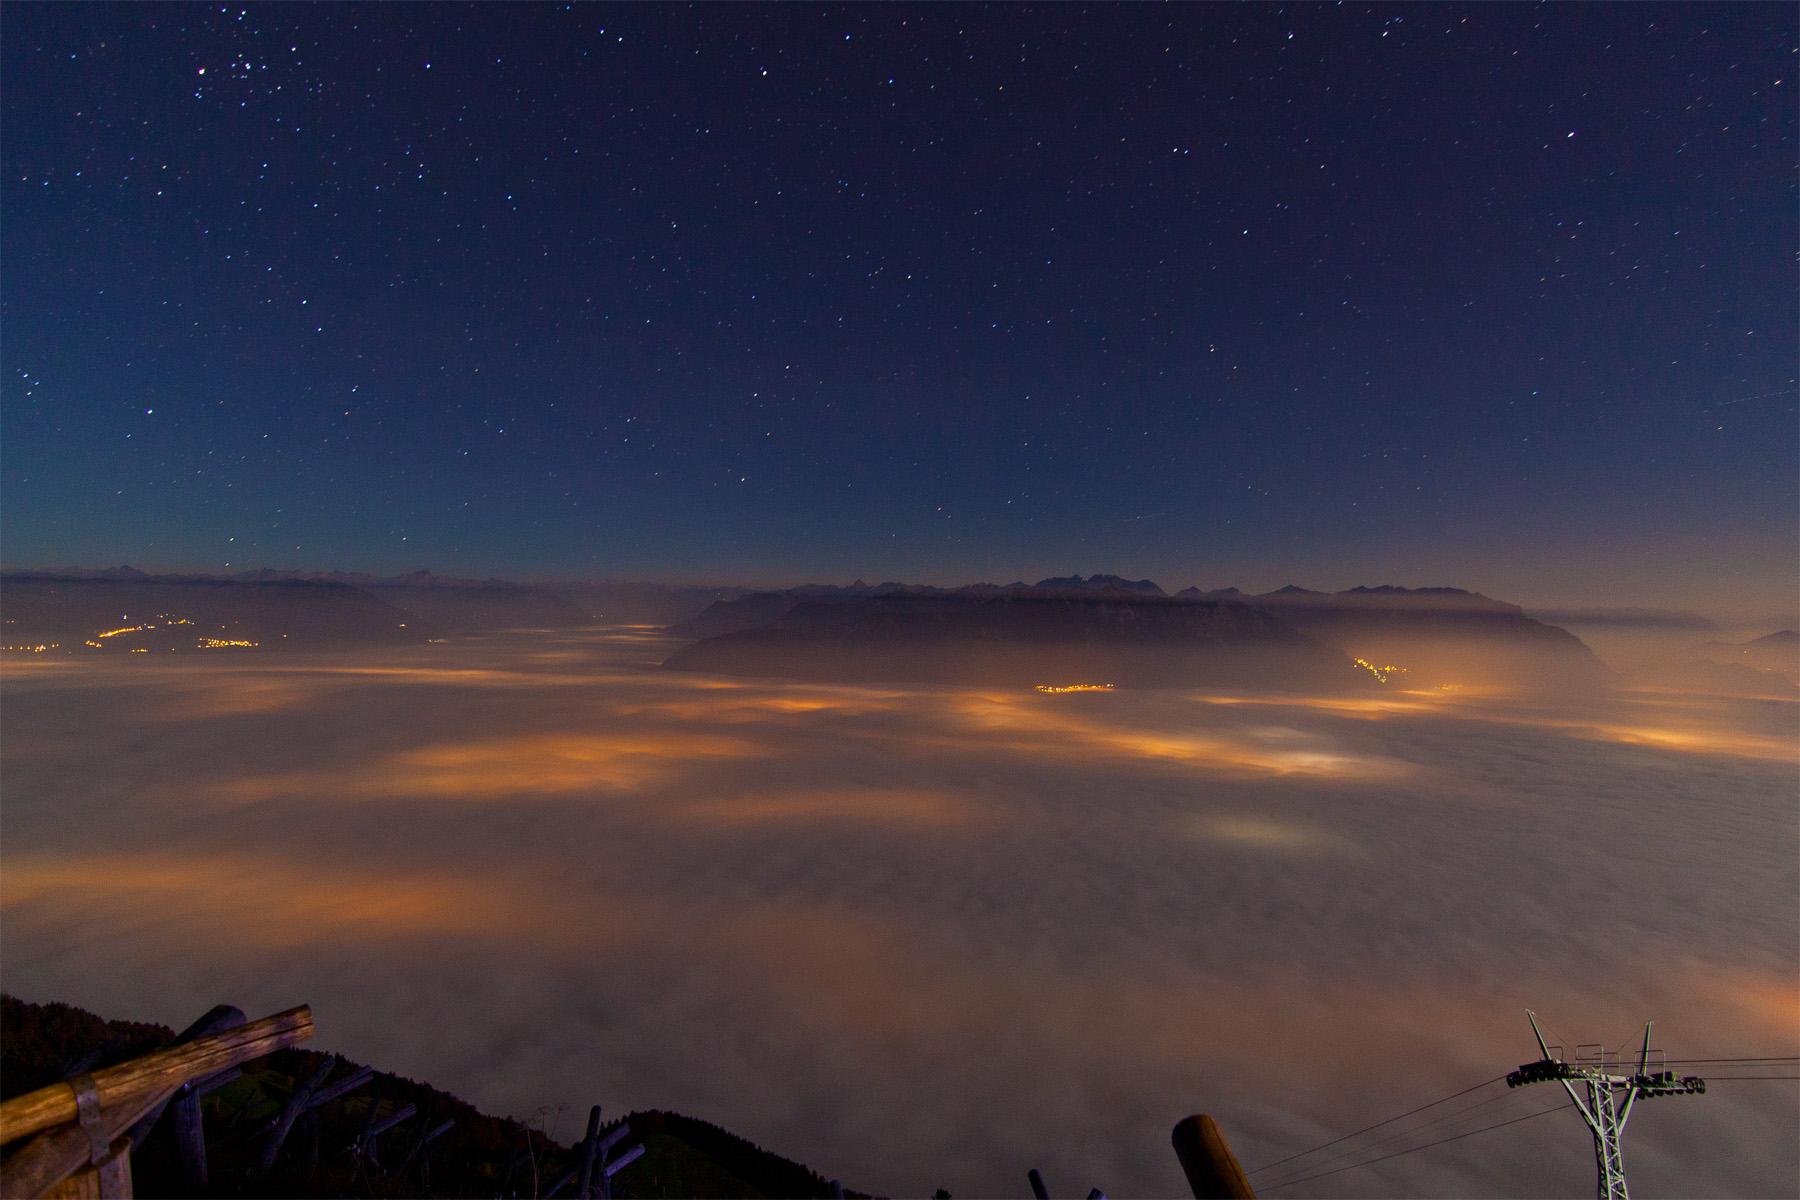 Blick von Staubern auf das Nebelmeer des Rheintals und des Walgaus; orange Flecken sind Lichtkegel der Ortschaften unterhalb des Nebels; Vordergrund Liftstütze der Seilbahn; Hintergrund Drei Schwestern